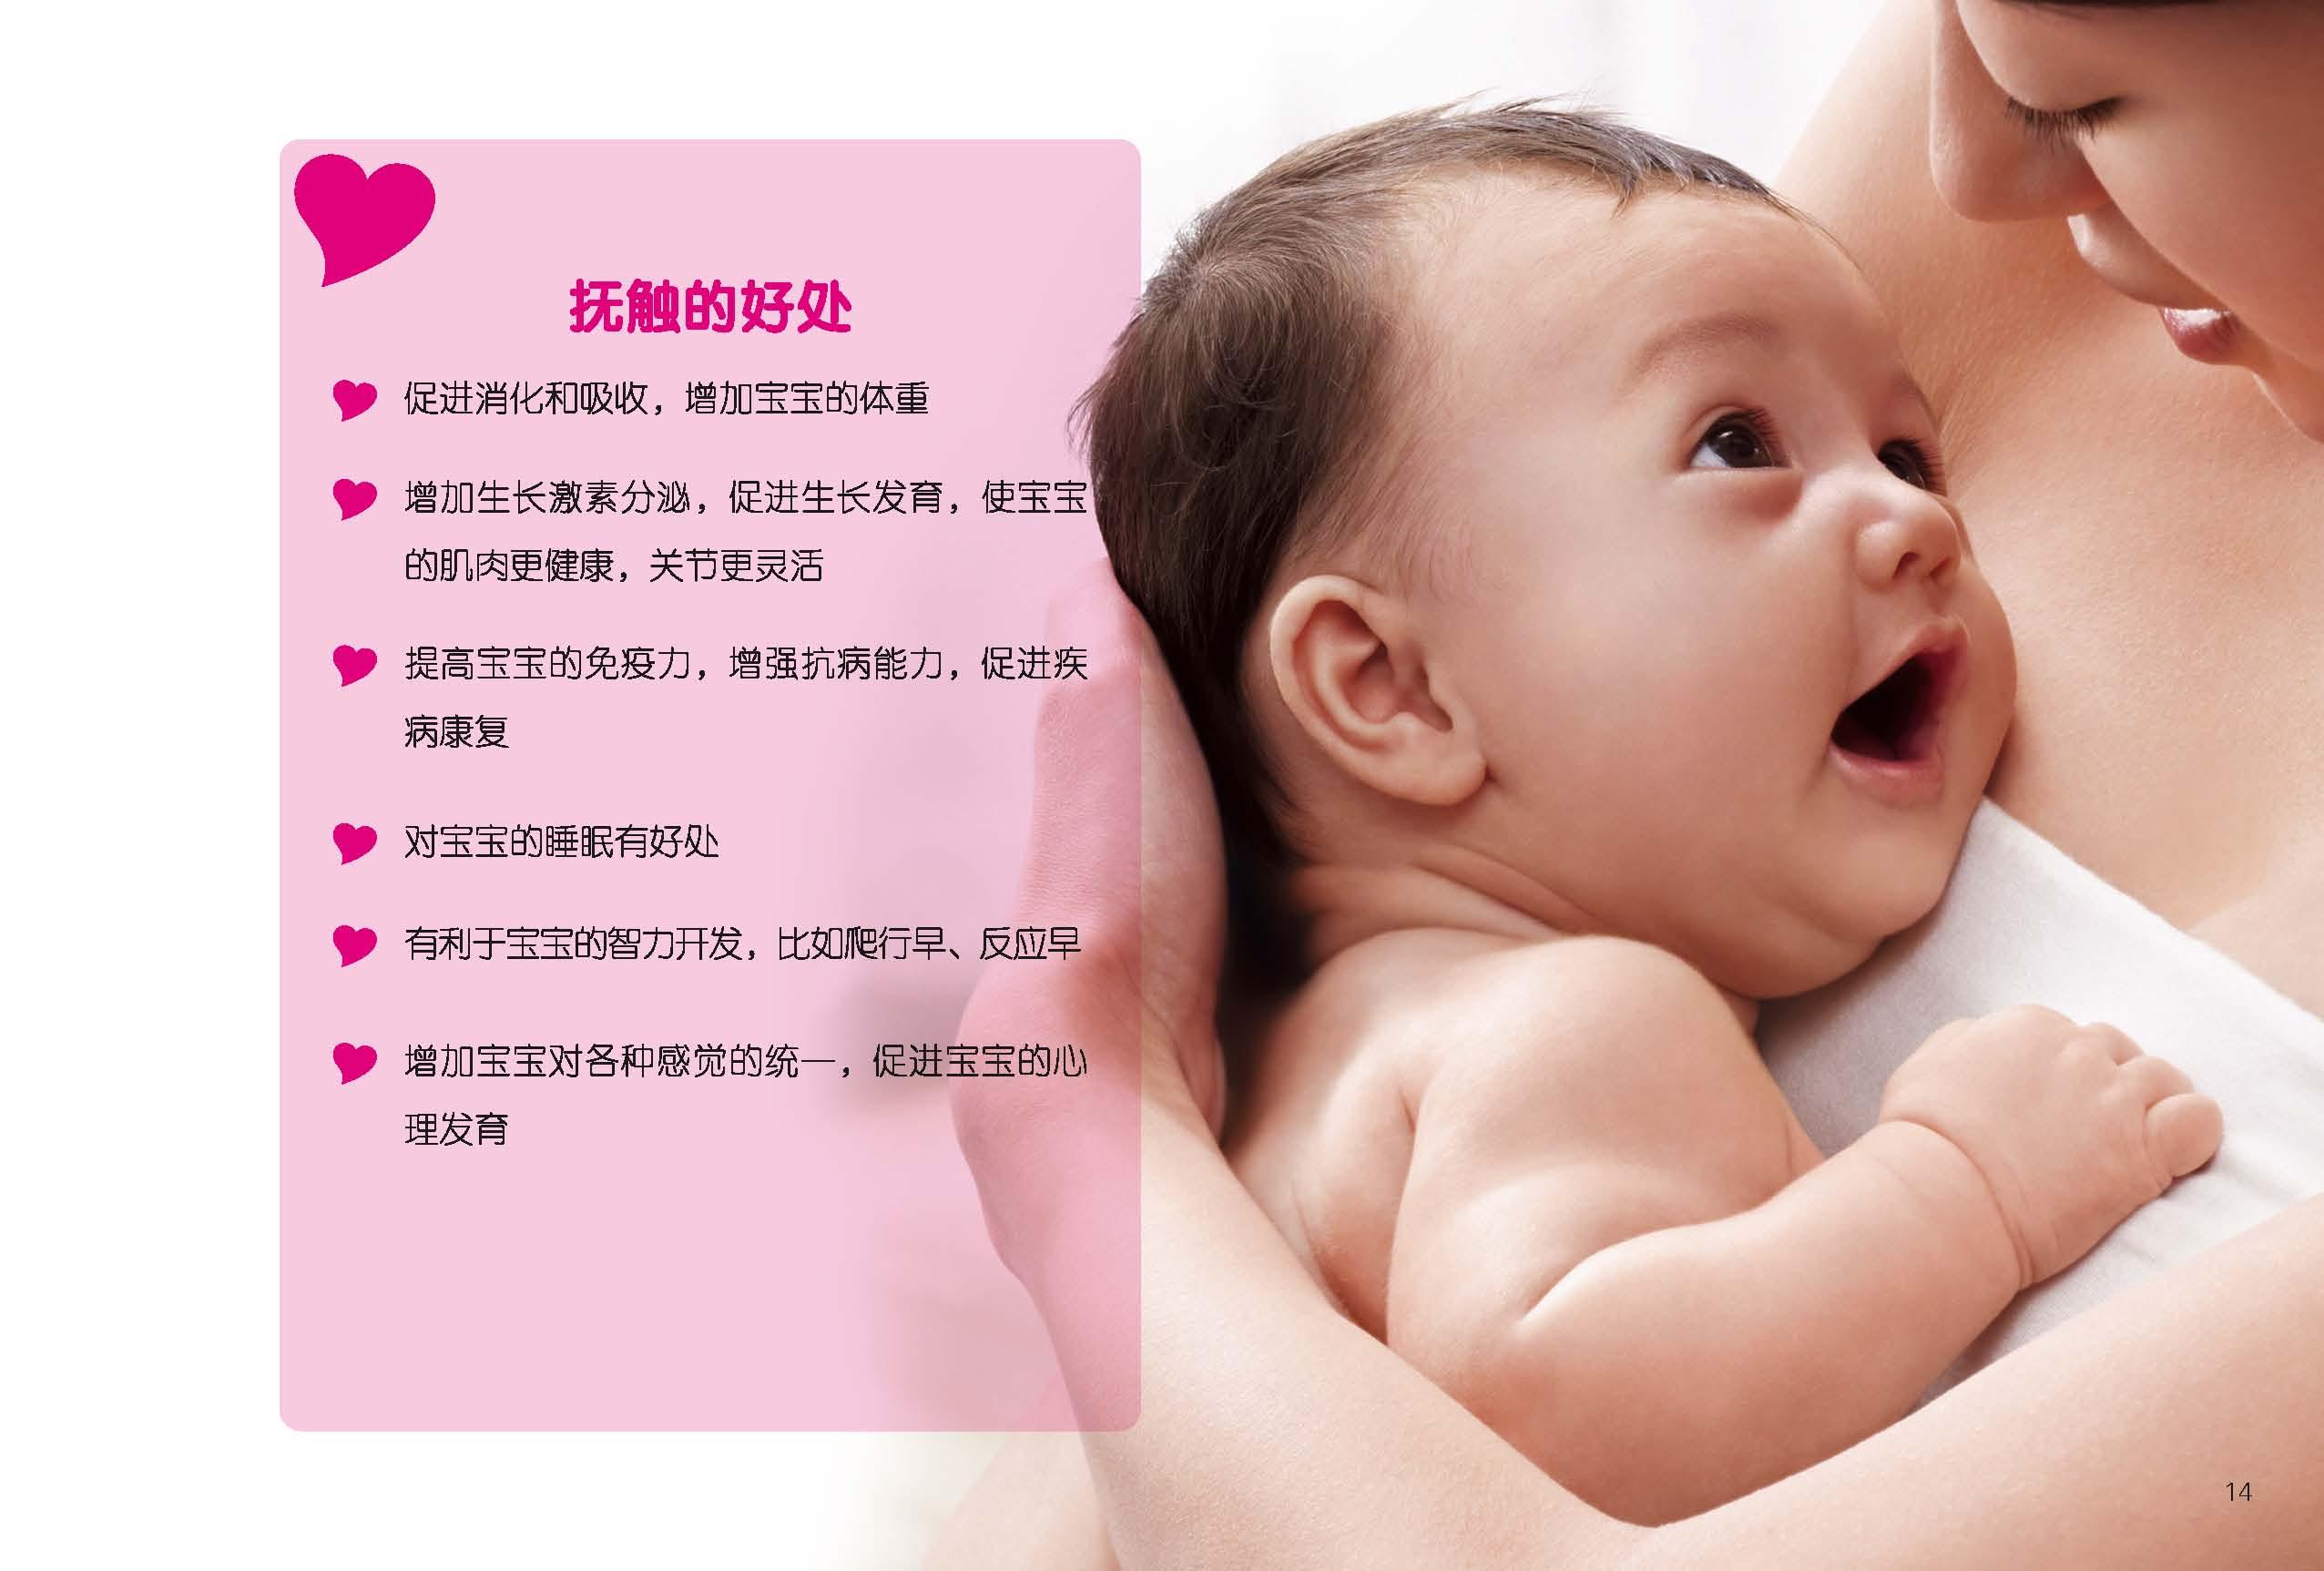 婴儿抚触的技巧高清图片